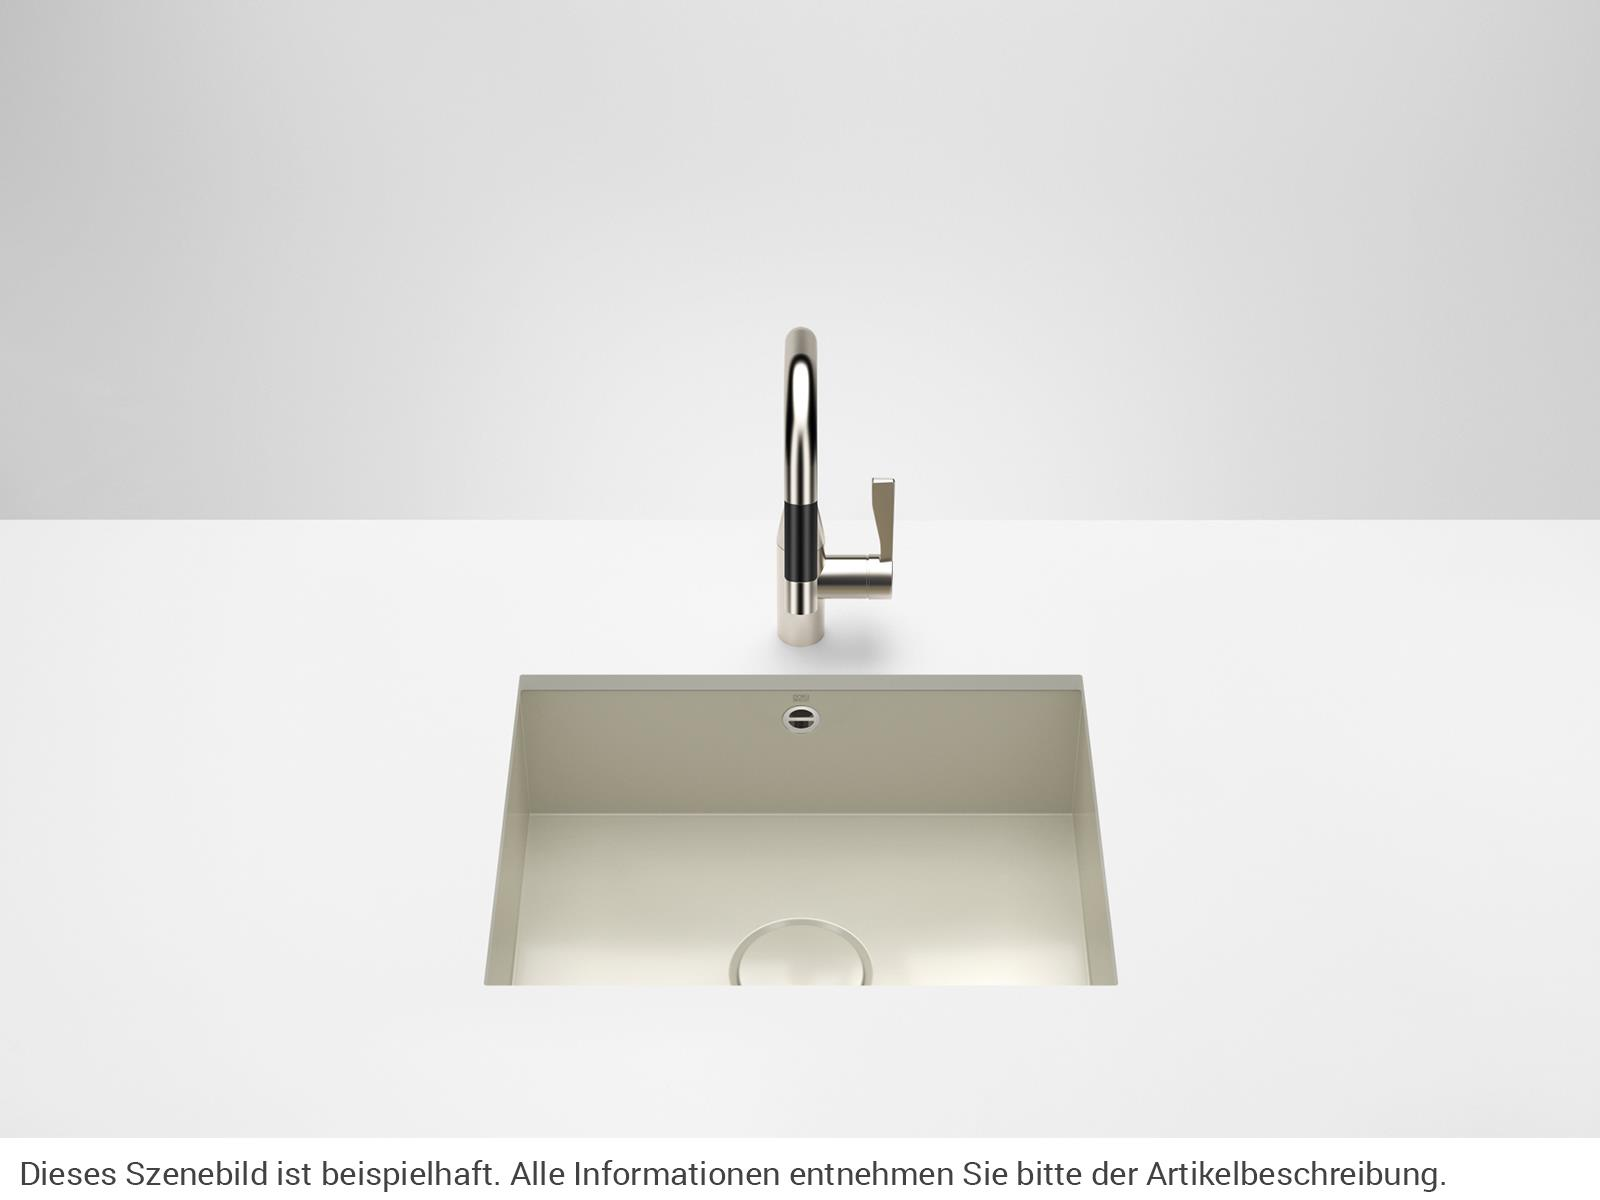 Dornbracht Unterbau-Spüle Glasierter Stahl Sand Glänzend 38550002-78